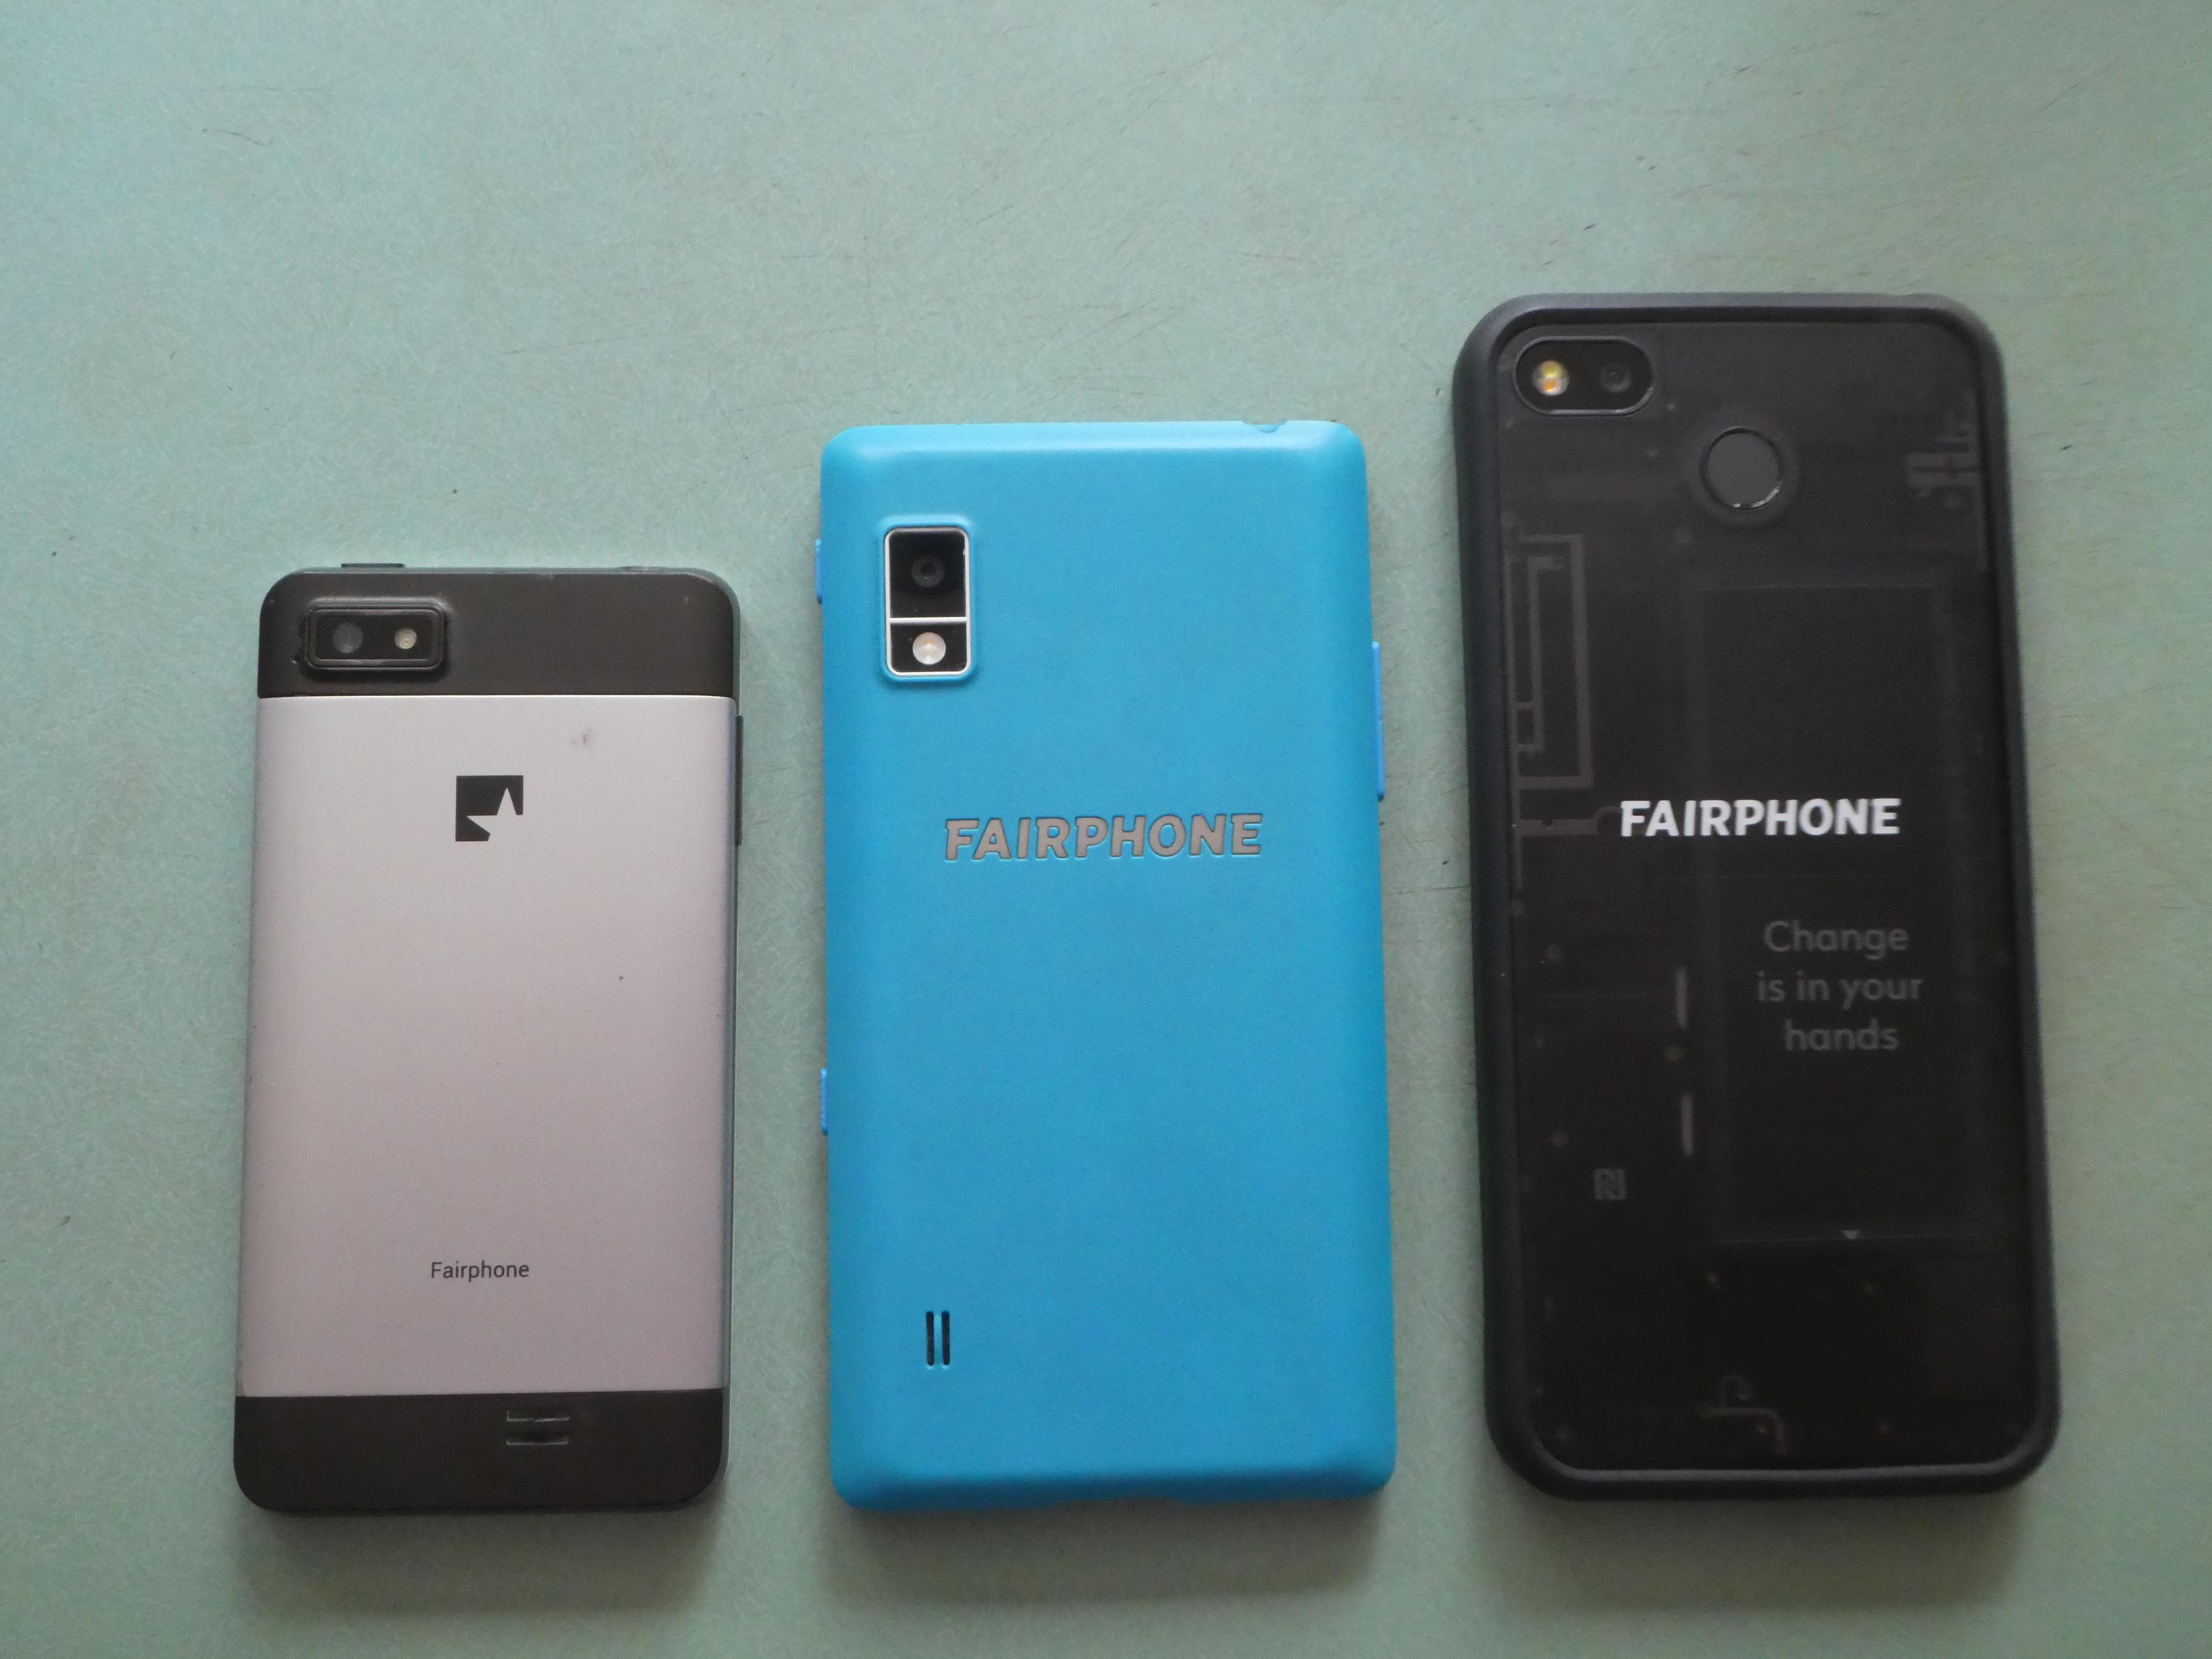 Fairphones